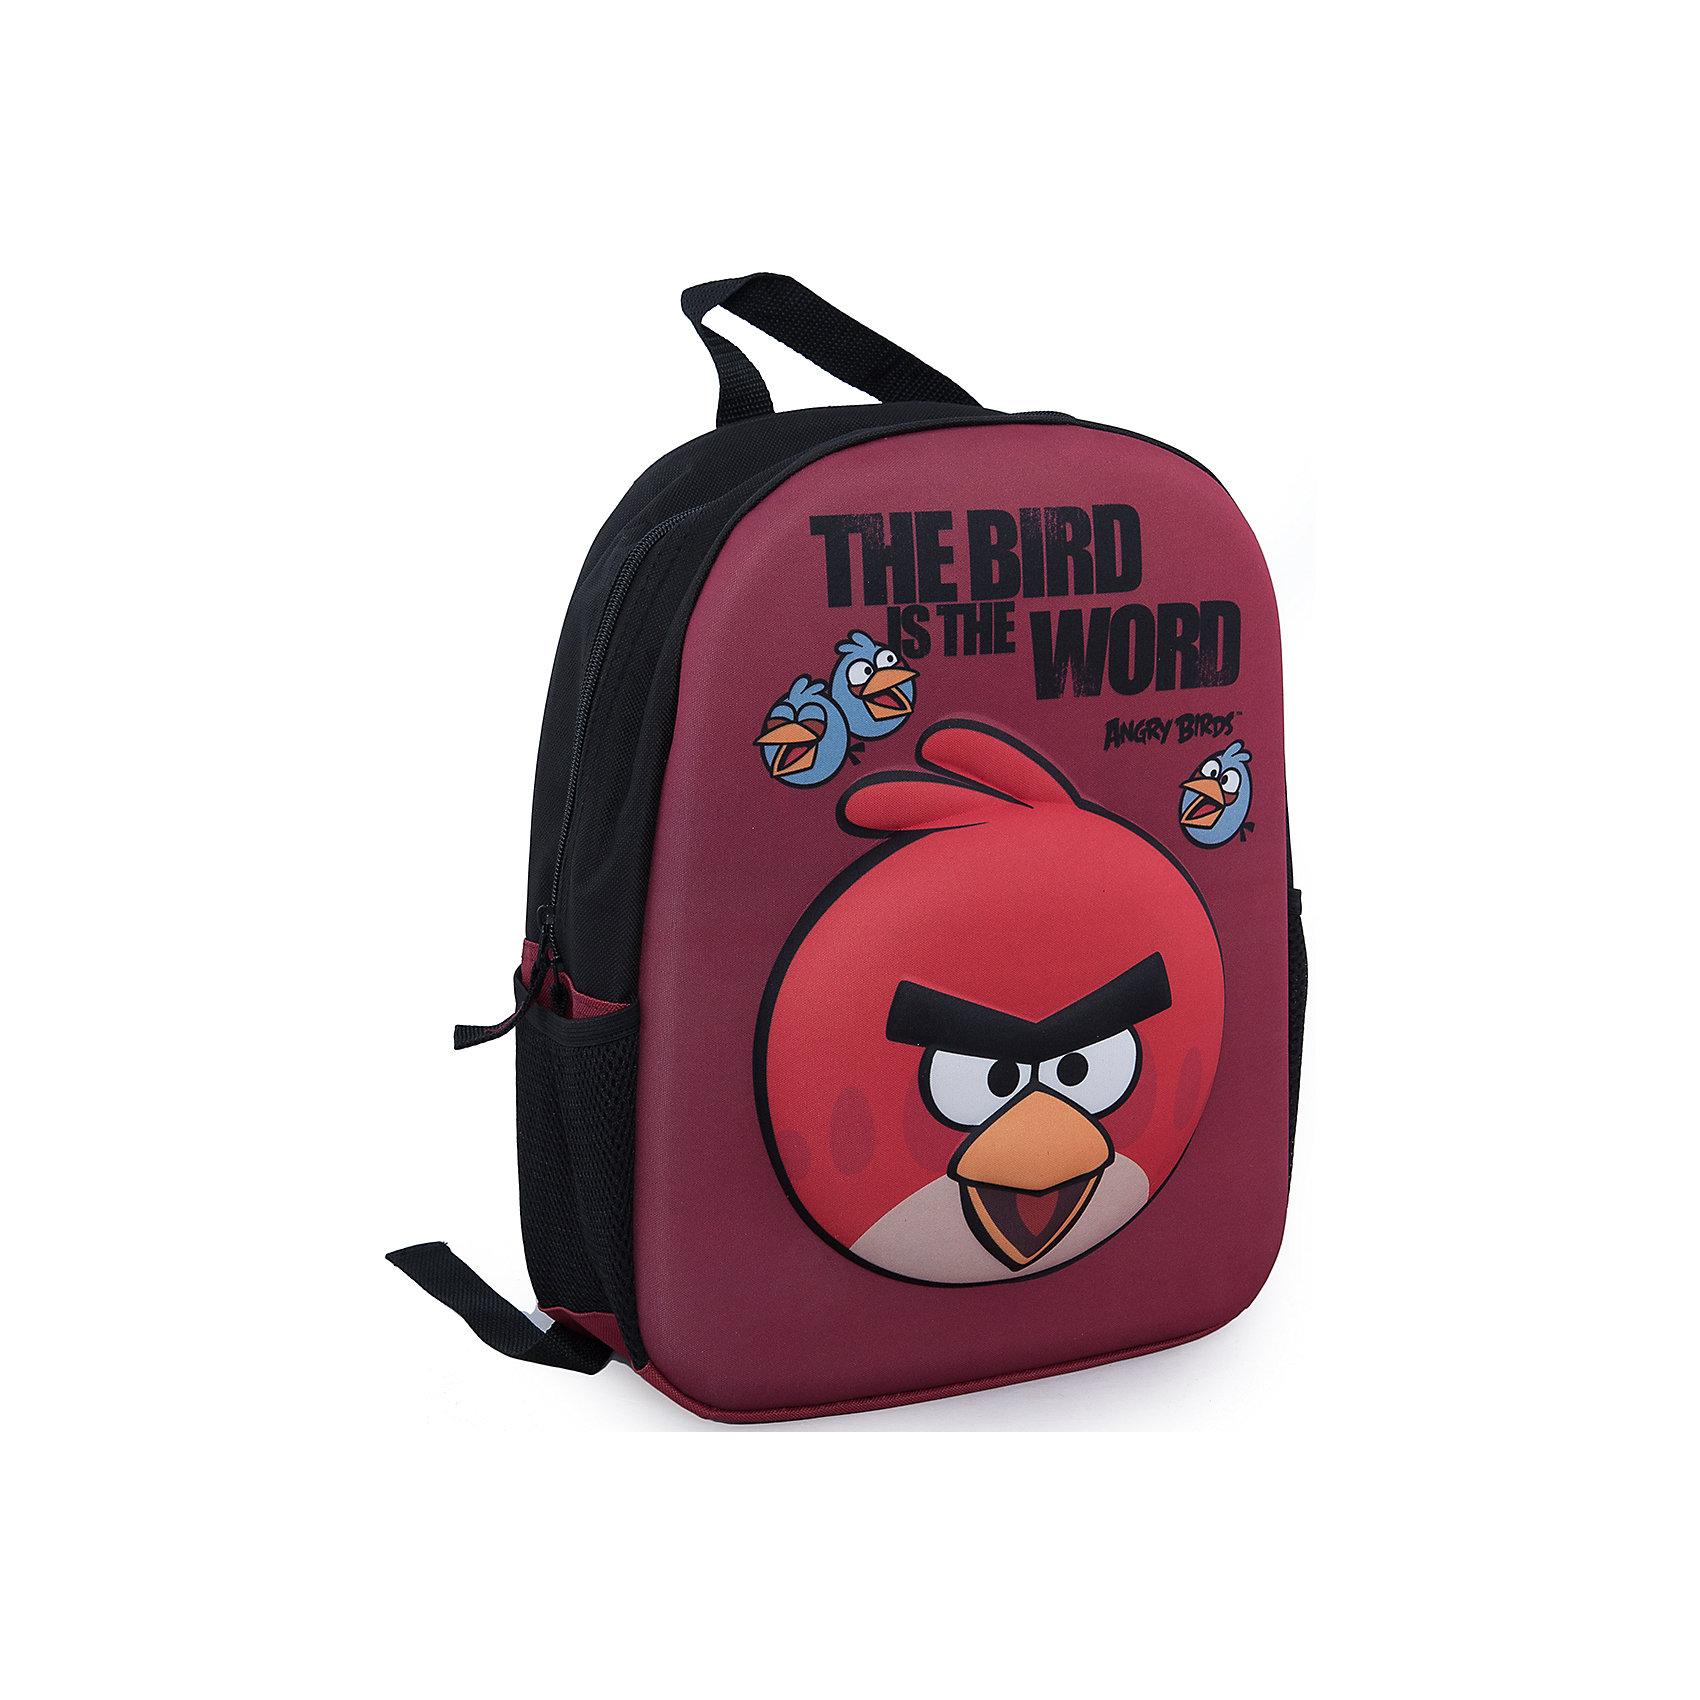 Школьный рюкзак, Angry BirdsРюкзак каркасный, EVA фронтальная панель.<br><br>Ширина мм: 450<br>Глубина мм: 350<br>Высота мм: 300<br>Вес г: 1000<br>Возраст от месяцев: 72<br>Возраст до месяцев: 144<br>Пол: Унисекс<br>Возраст: Детский<br>SKU: 3563430